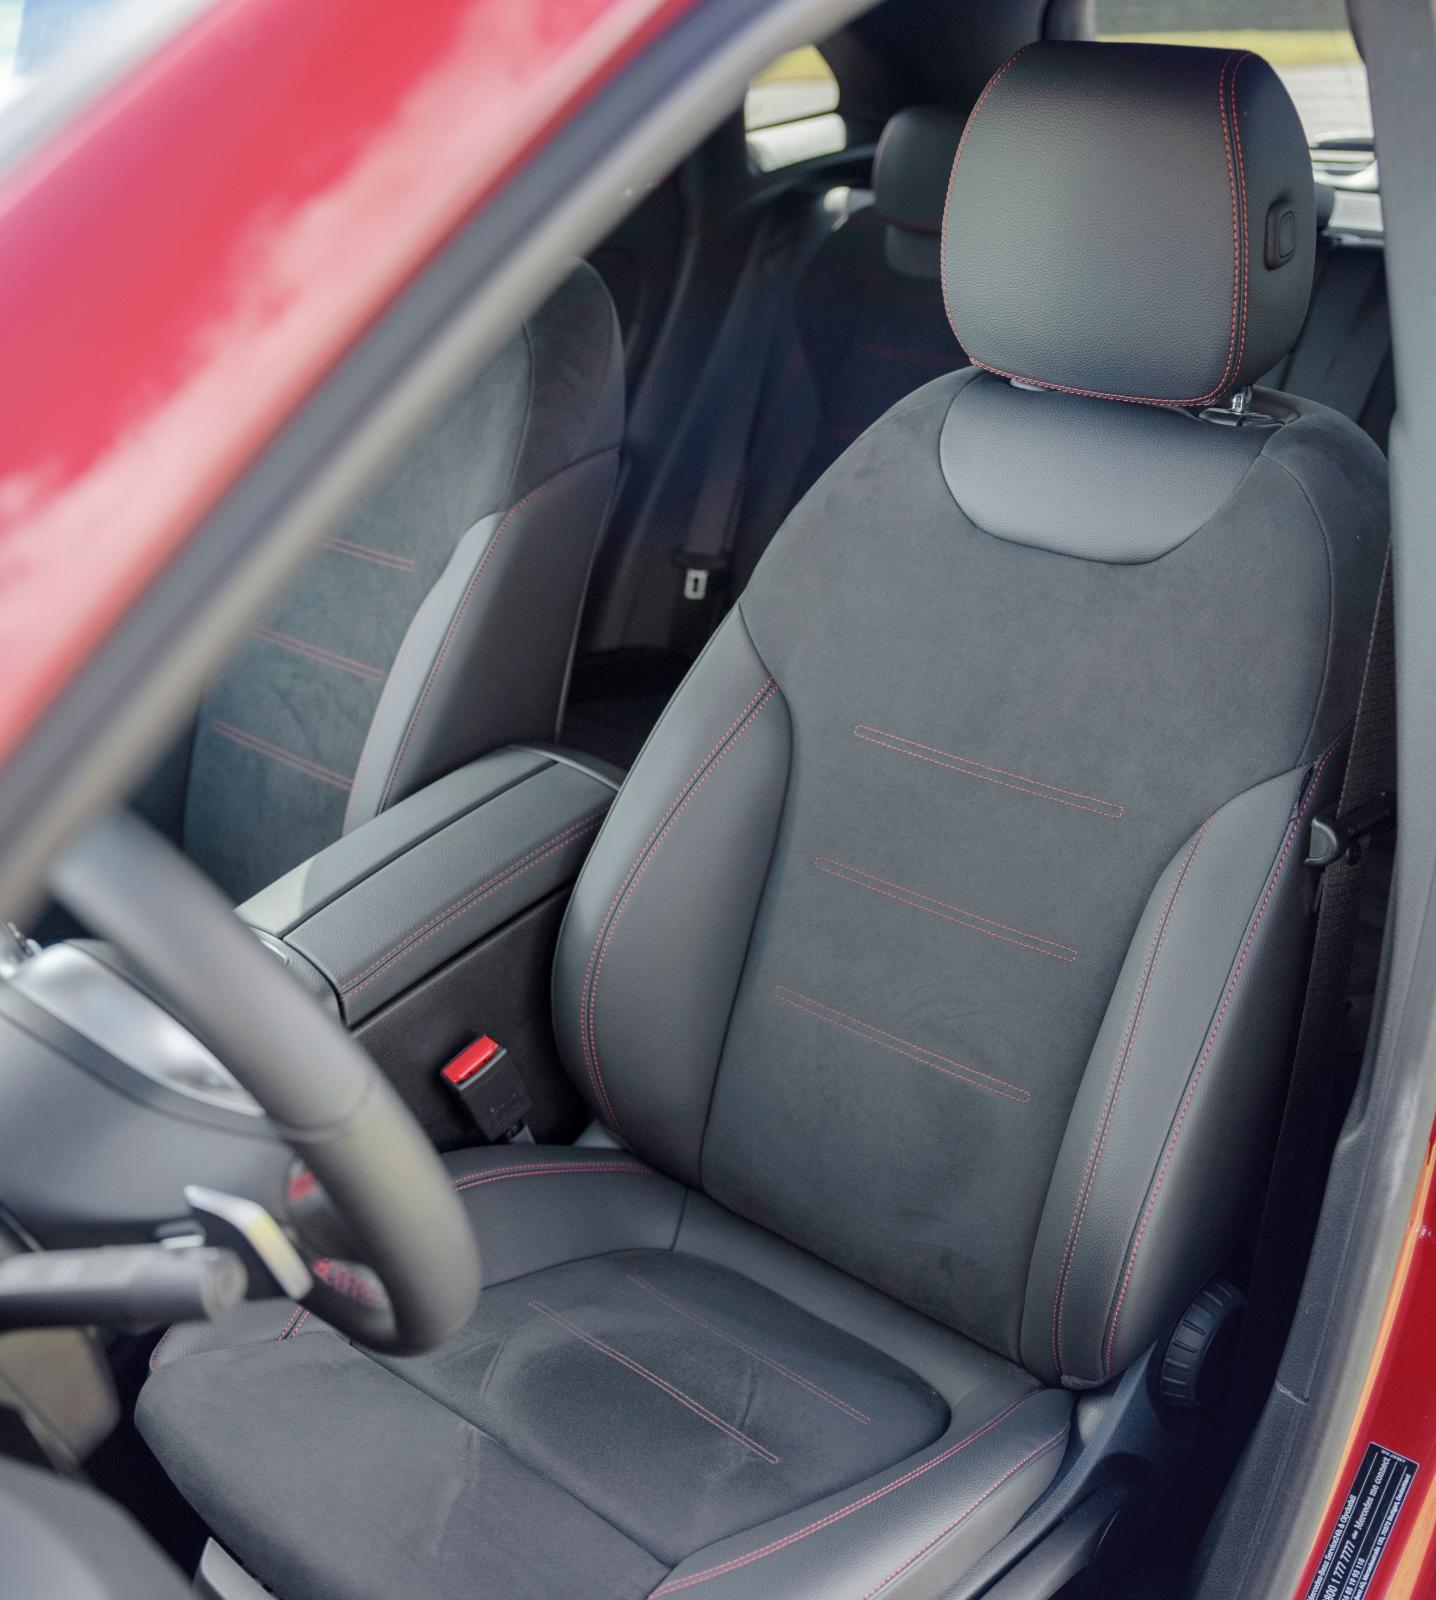 Mercedes standardstol gränsar till att vara för hård, men på längre resor uppskattar kroppen stolens fostrande attityd.